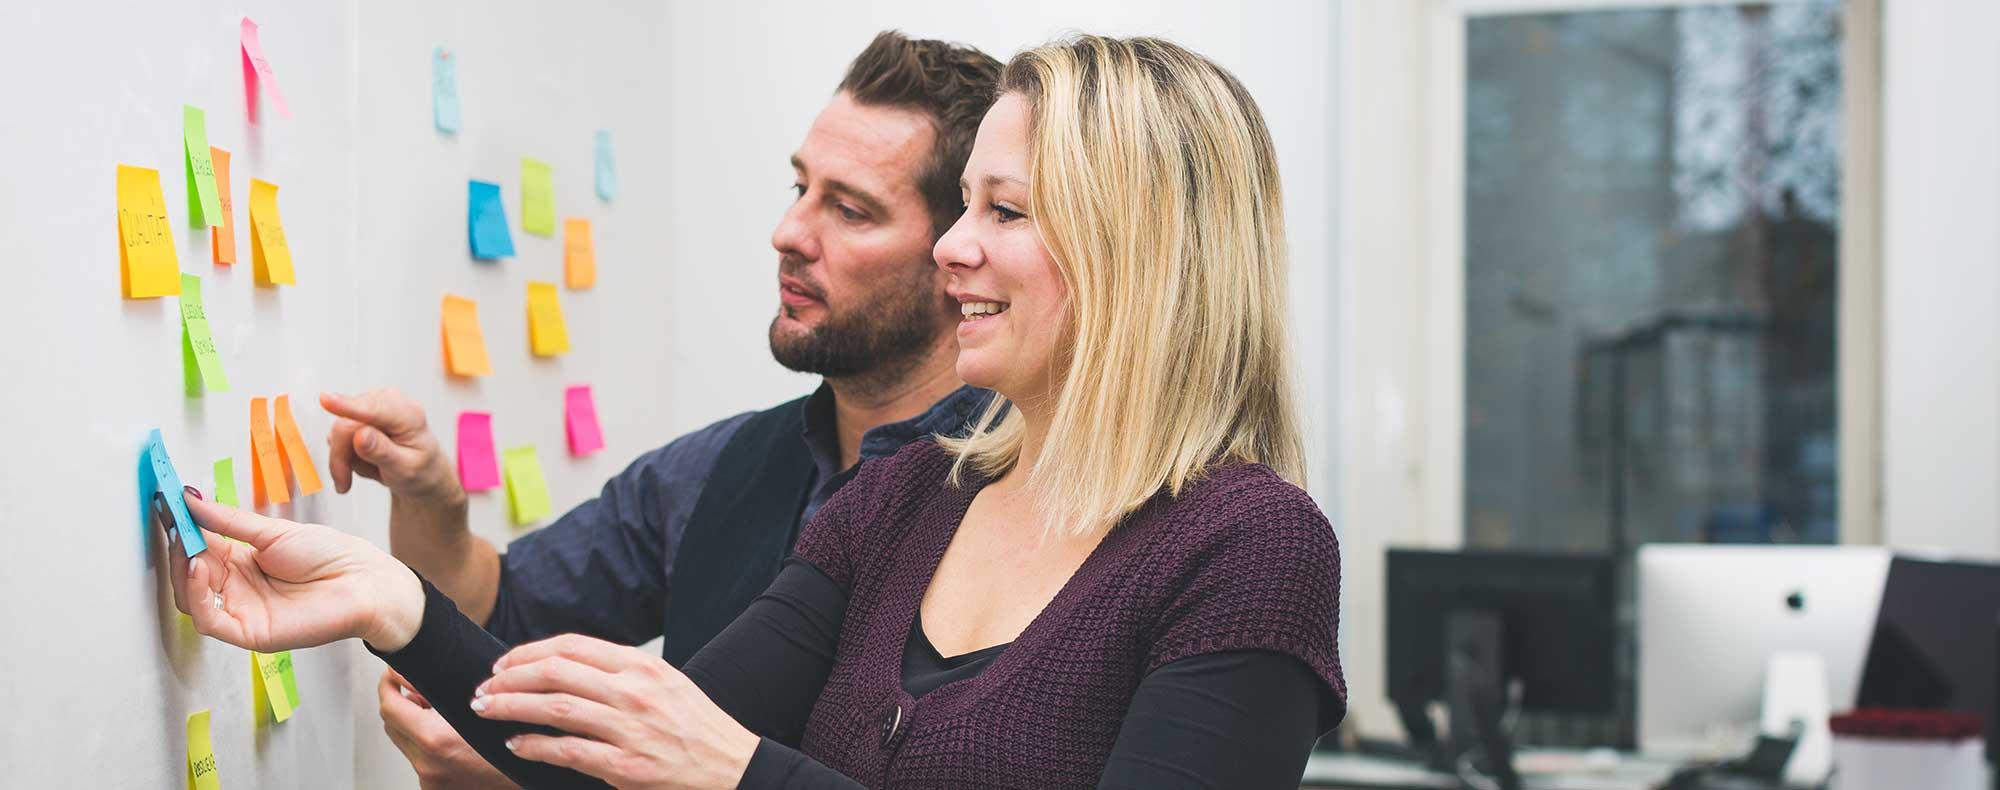 Nikolas Niehardt und Marina Scharenberg bei der Arbeit